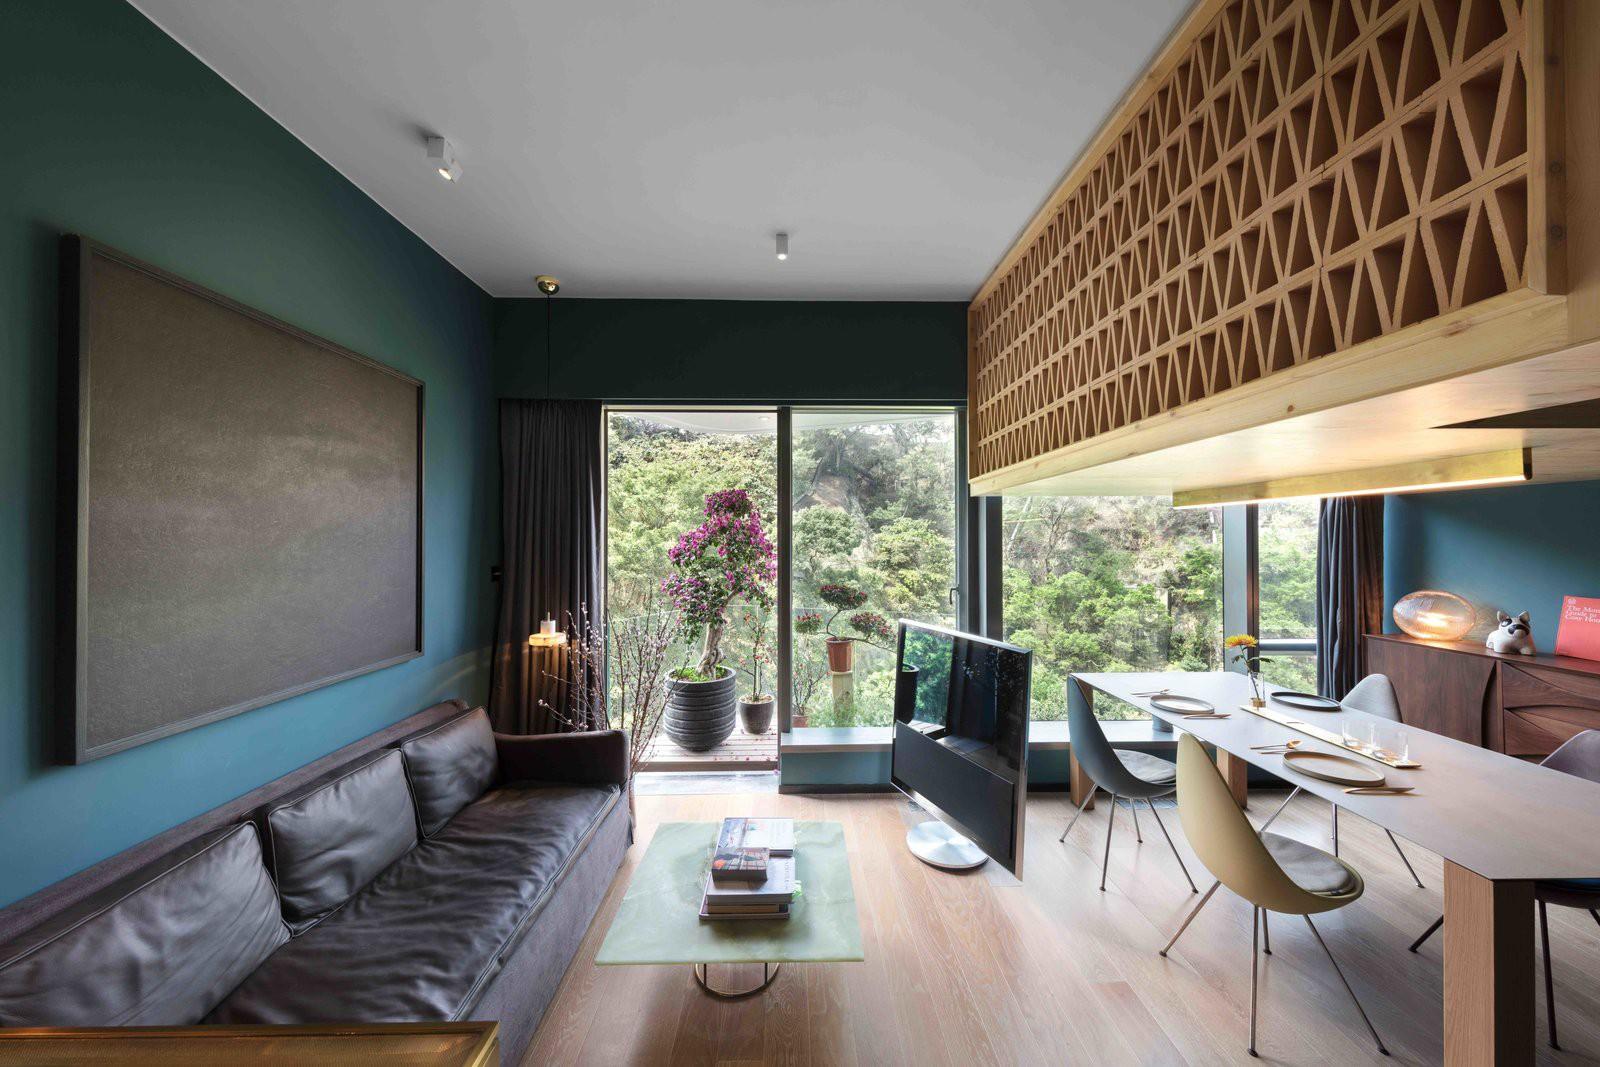 Chiêm ngưỡng căn hộ nhỏ này, bạn sẽ thấy nhà nhỏ nhưng có trần cao thì mọi việc đều được giải quyết đơn giản - Ảnh 7.